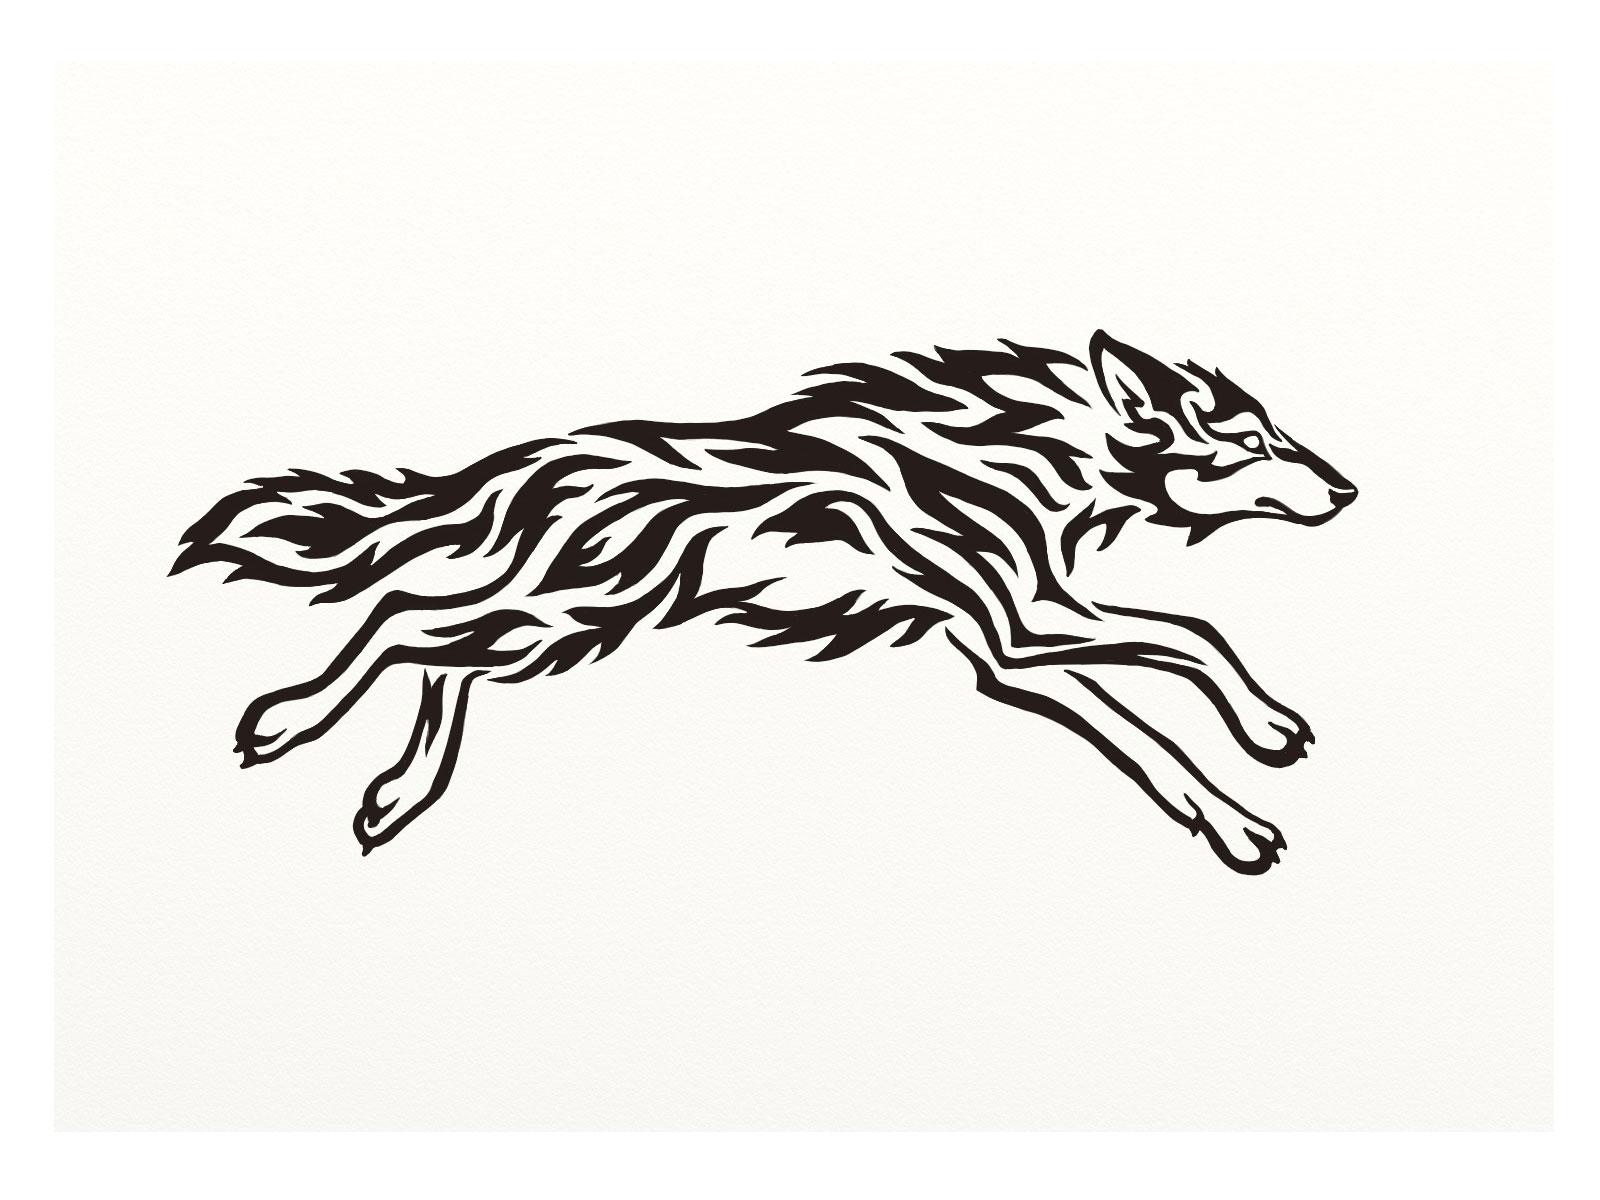 Running Wolf Tattoo